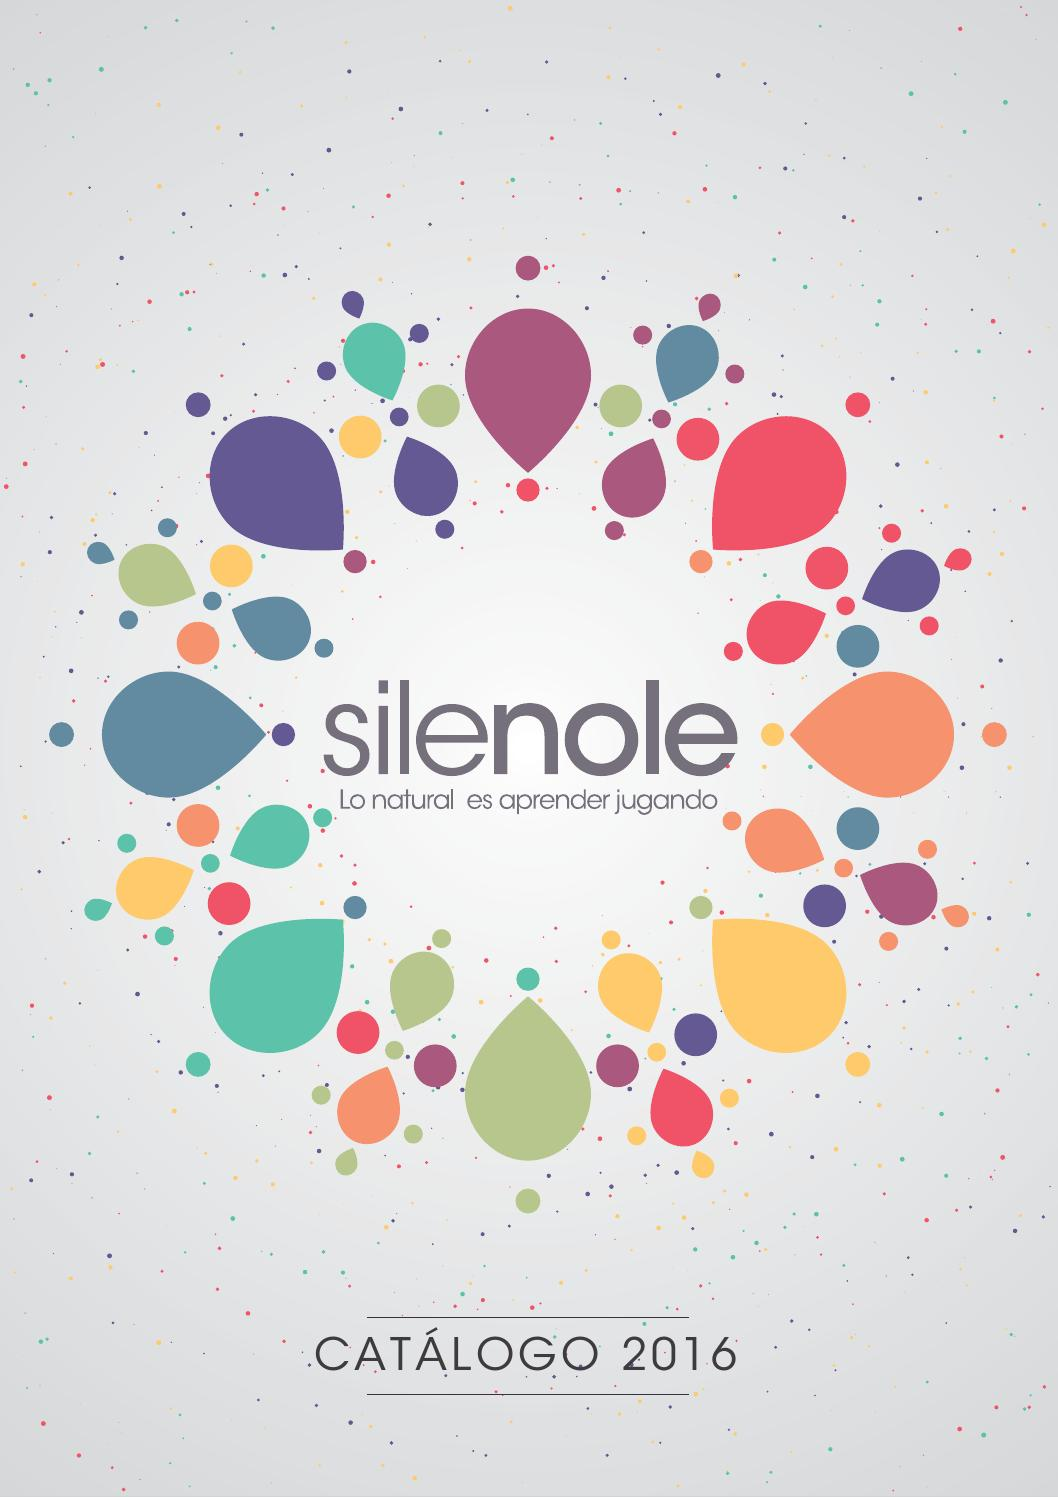 Catálogo SileNole 2016 by silenole - issuu